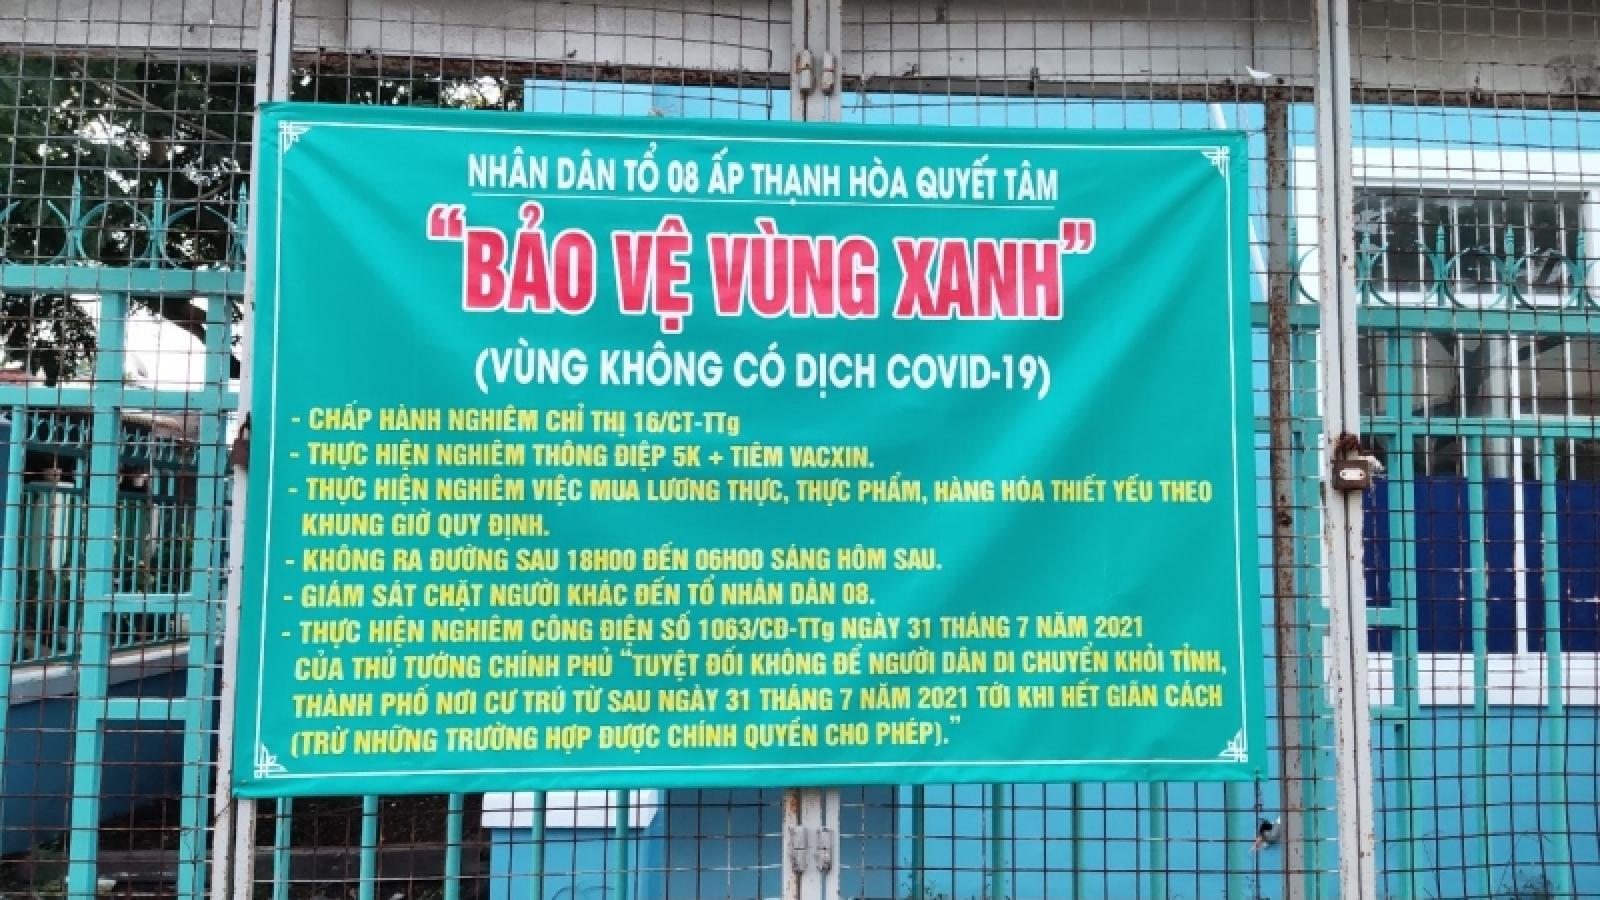 Người dân xã đảo Thạnh An ở TP.HCM chung tay bảo vệ vùng xanh